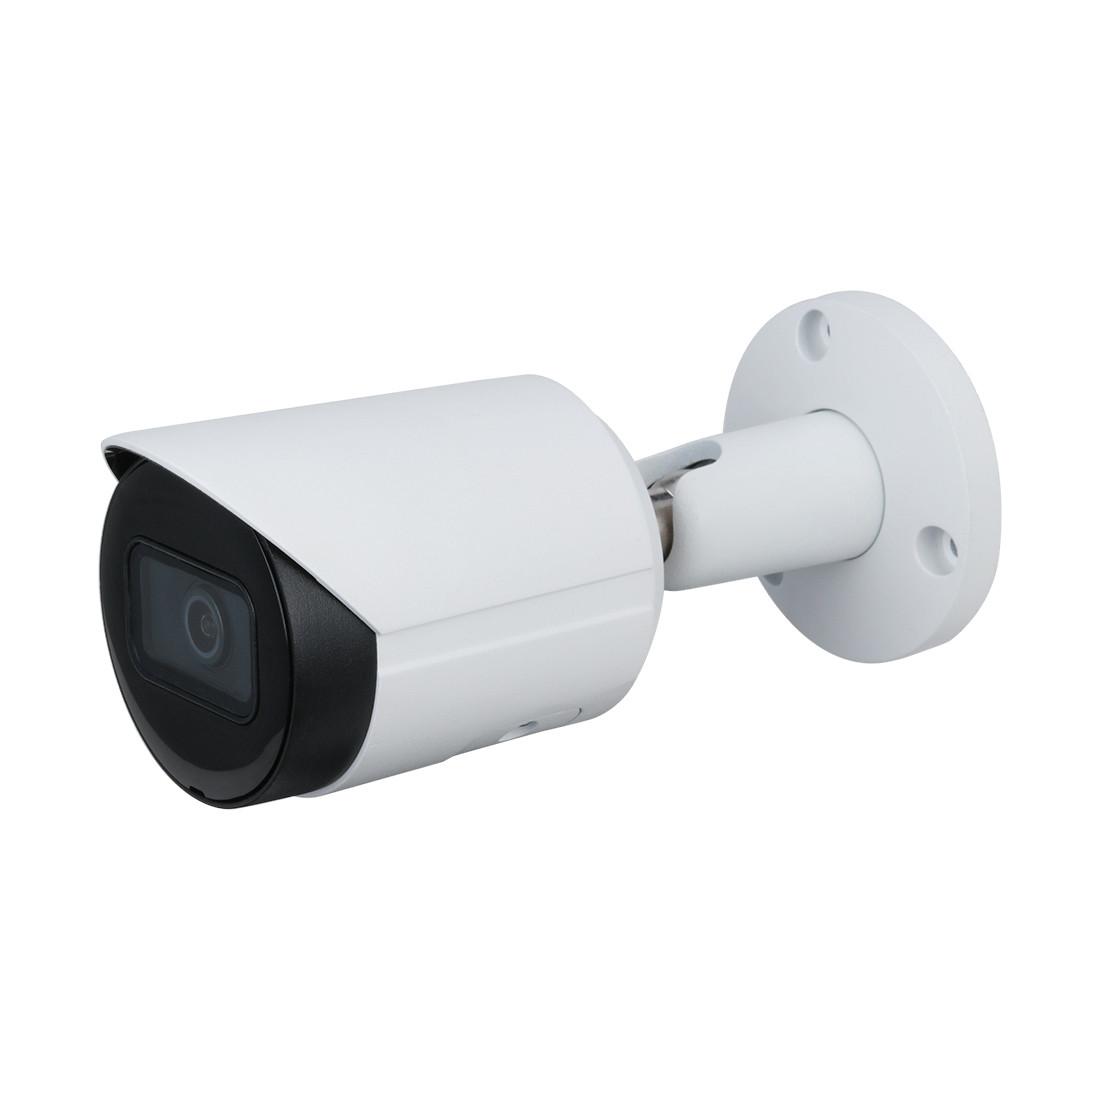 Dahua DH-IPC-HFW2431SP-S-0280B Цилиндрическая видеокамера 4.0 МП, PoE+ (802.3af) ИК-подсветка - до 30 м